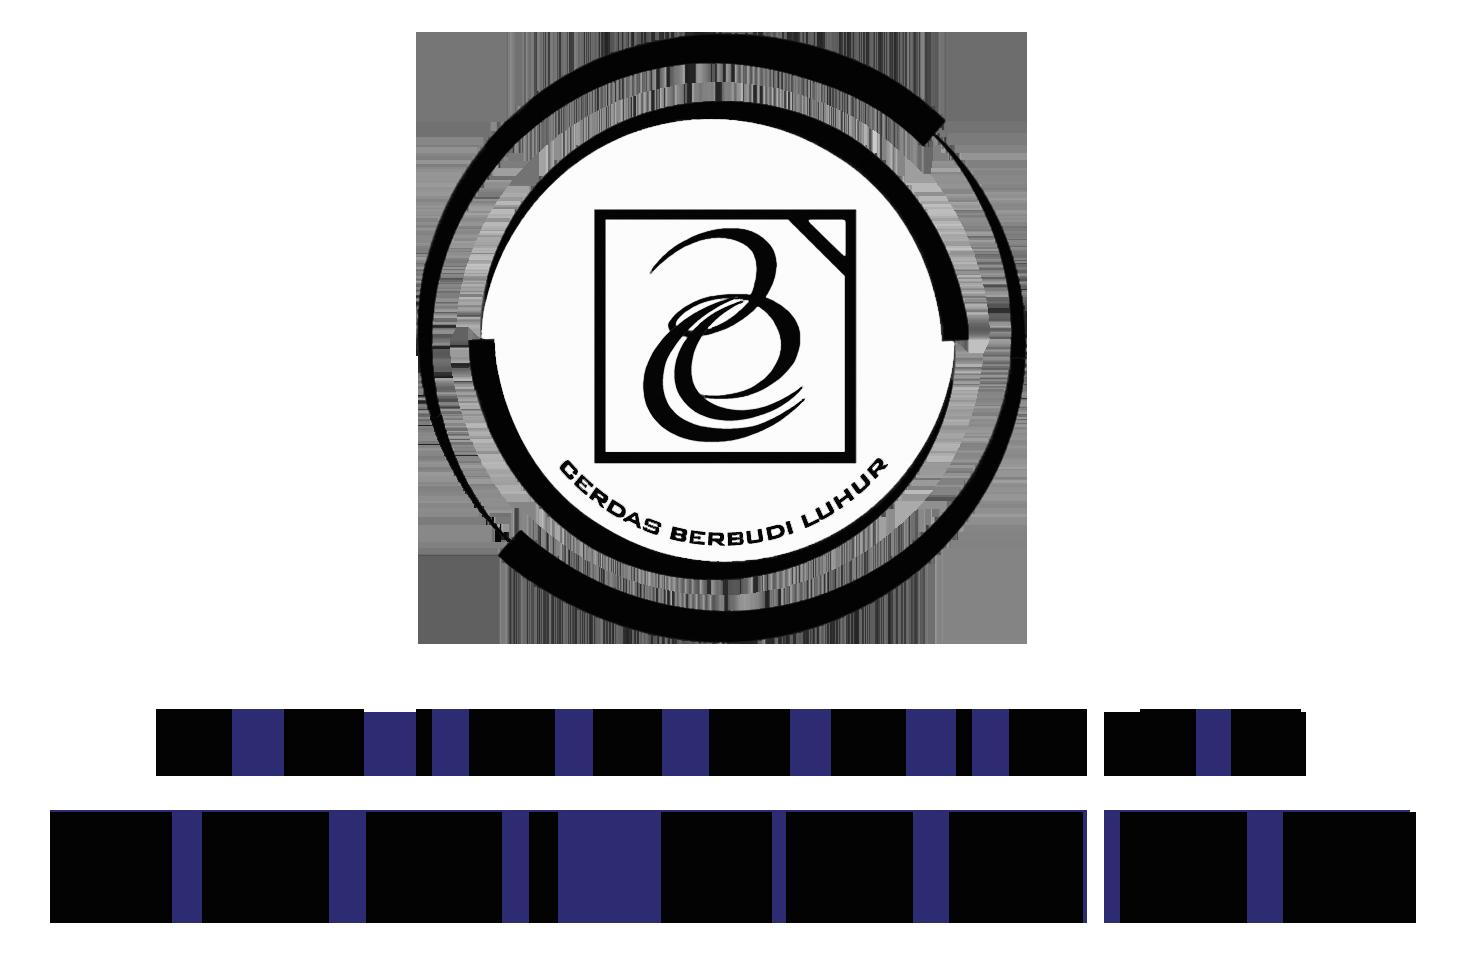 Logo Budi Luhur (Universitas Budi Luhur) Original Hitam Putih PNG